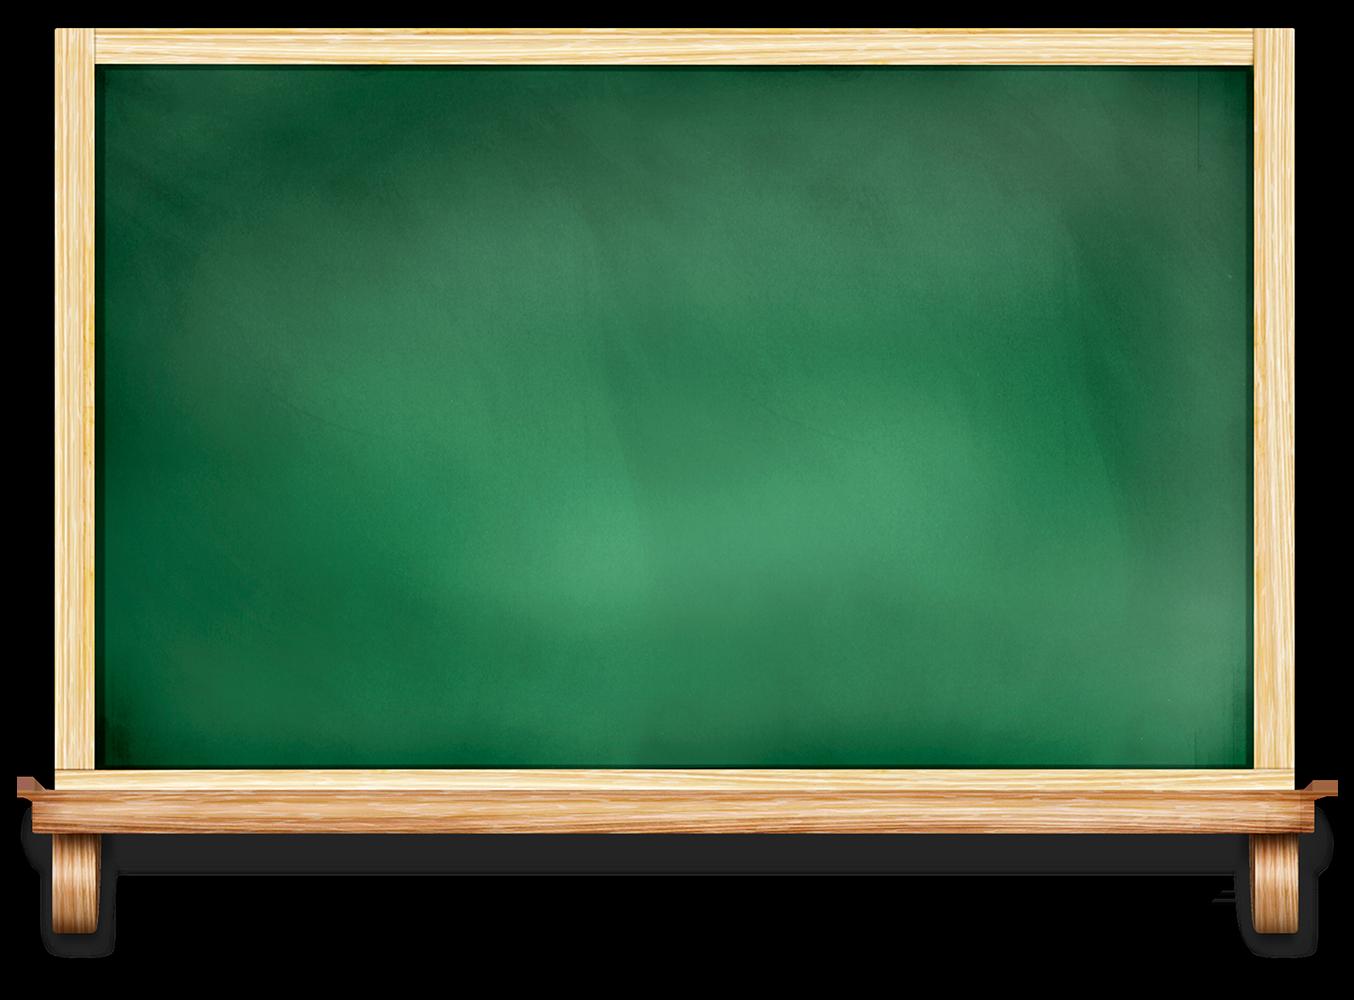 Школьная доска - школьная доска, школа, доска